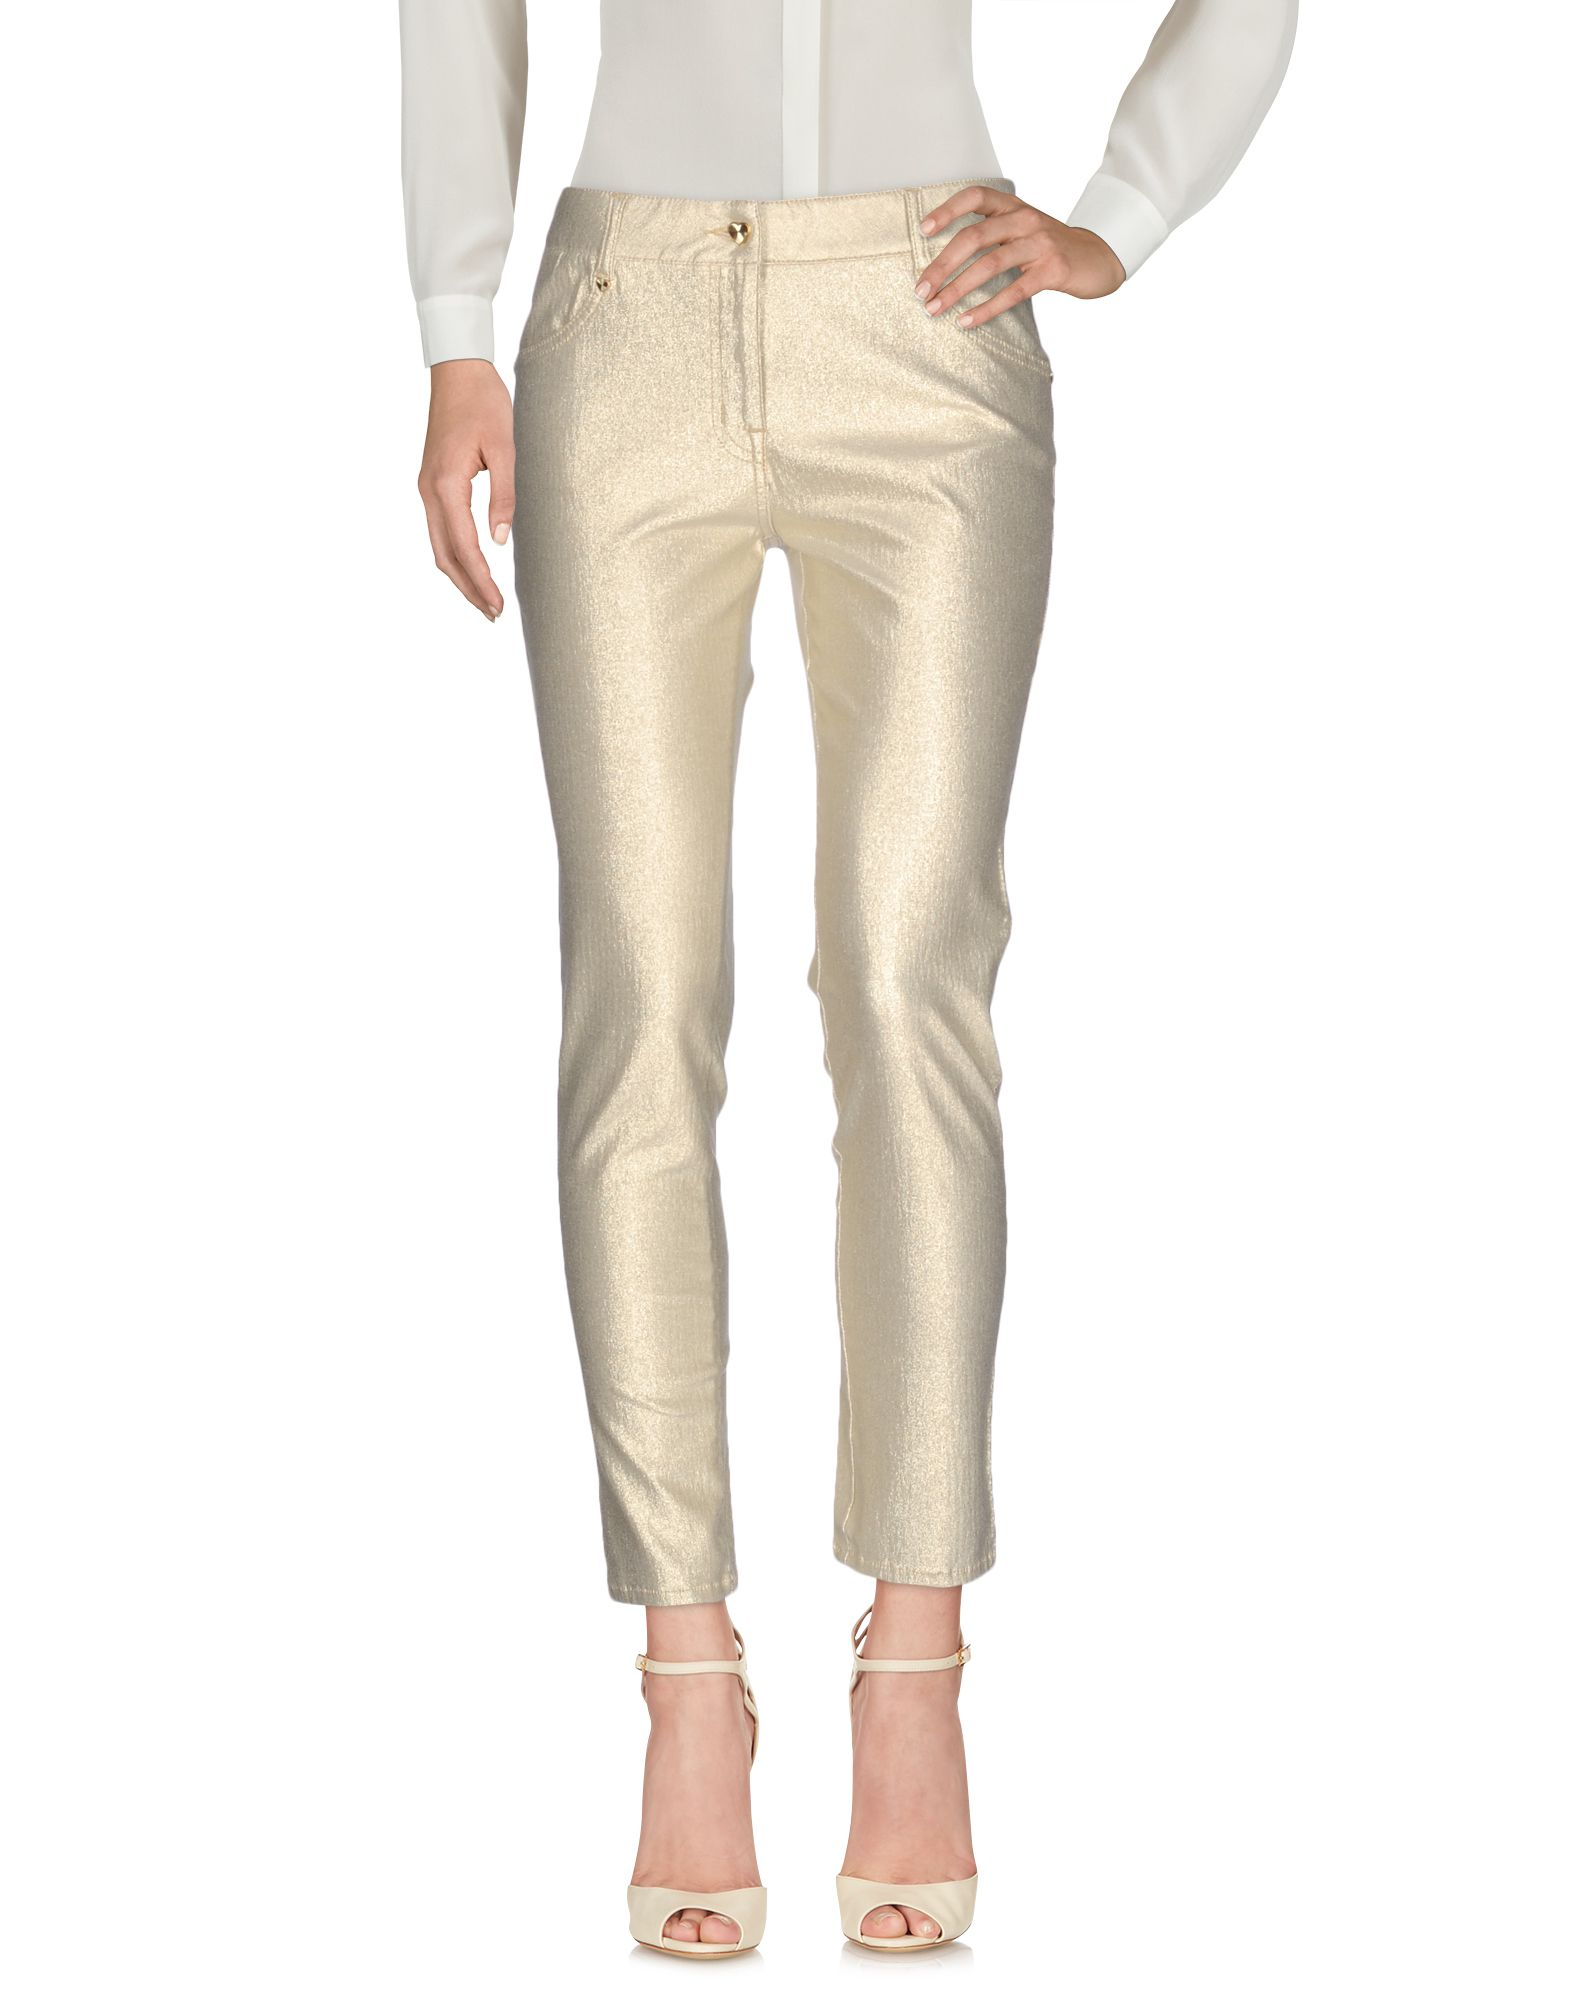 Фото - VDP BEACH Повседневные брюки брюки vdp брюки